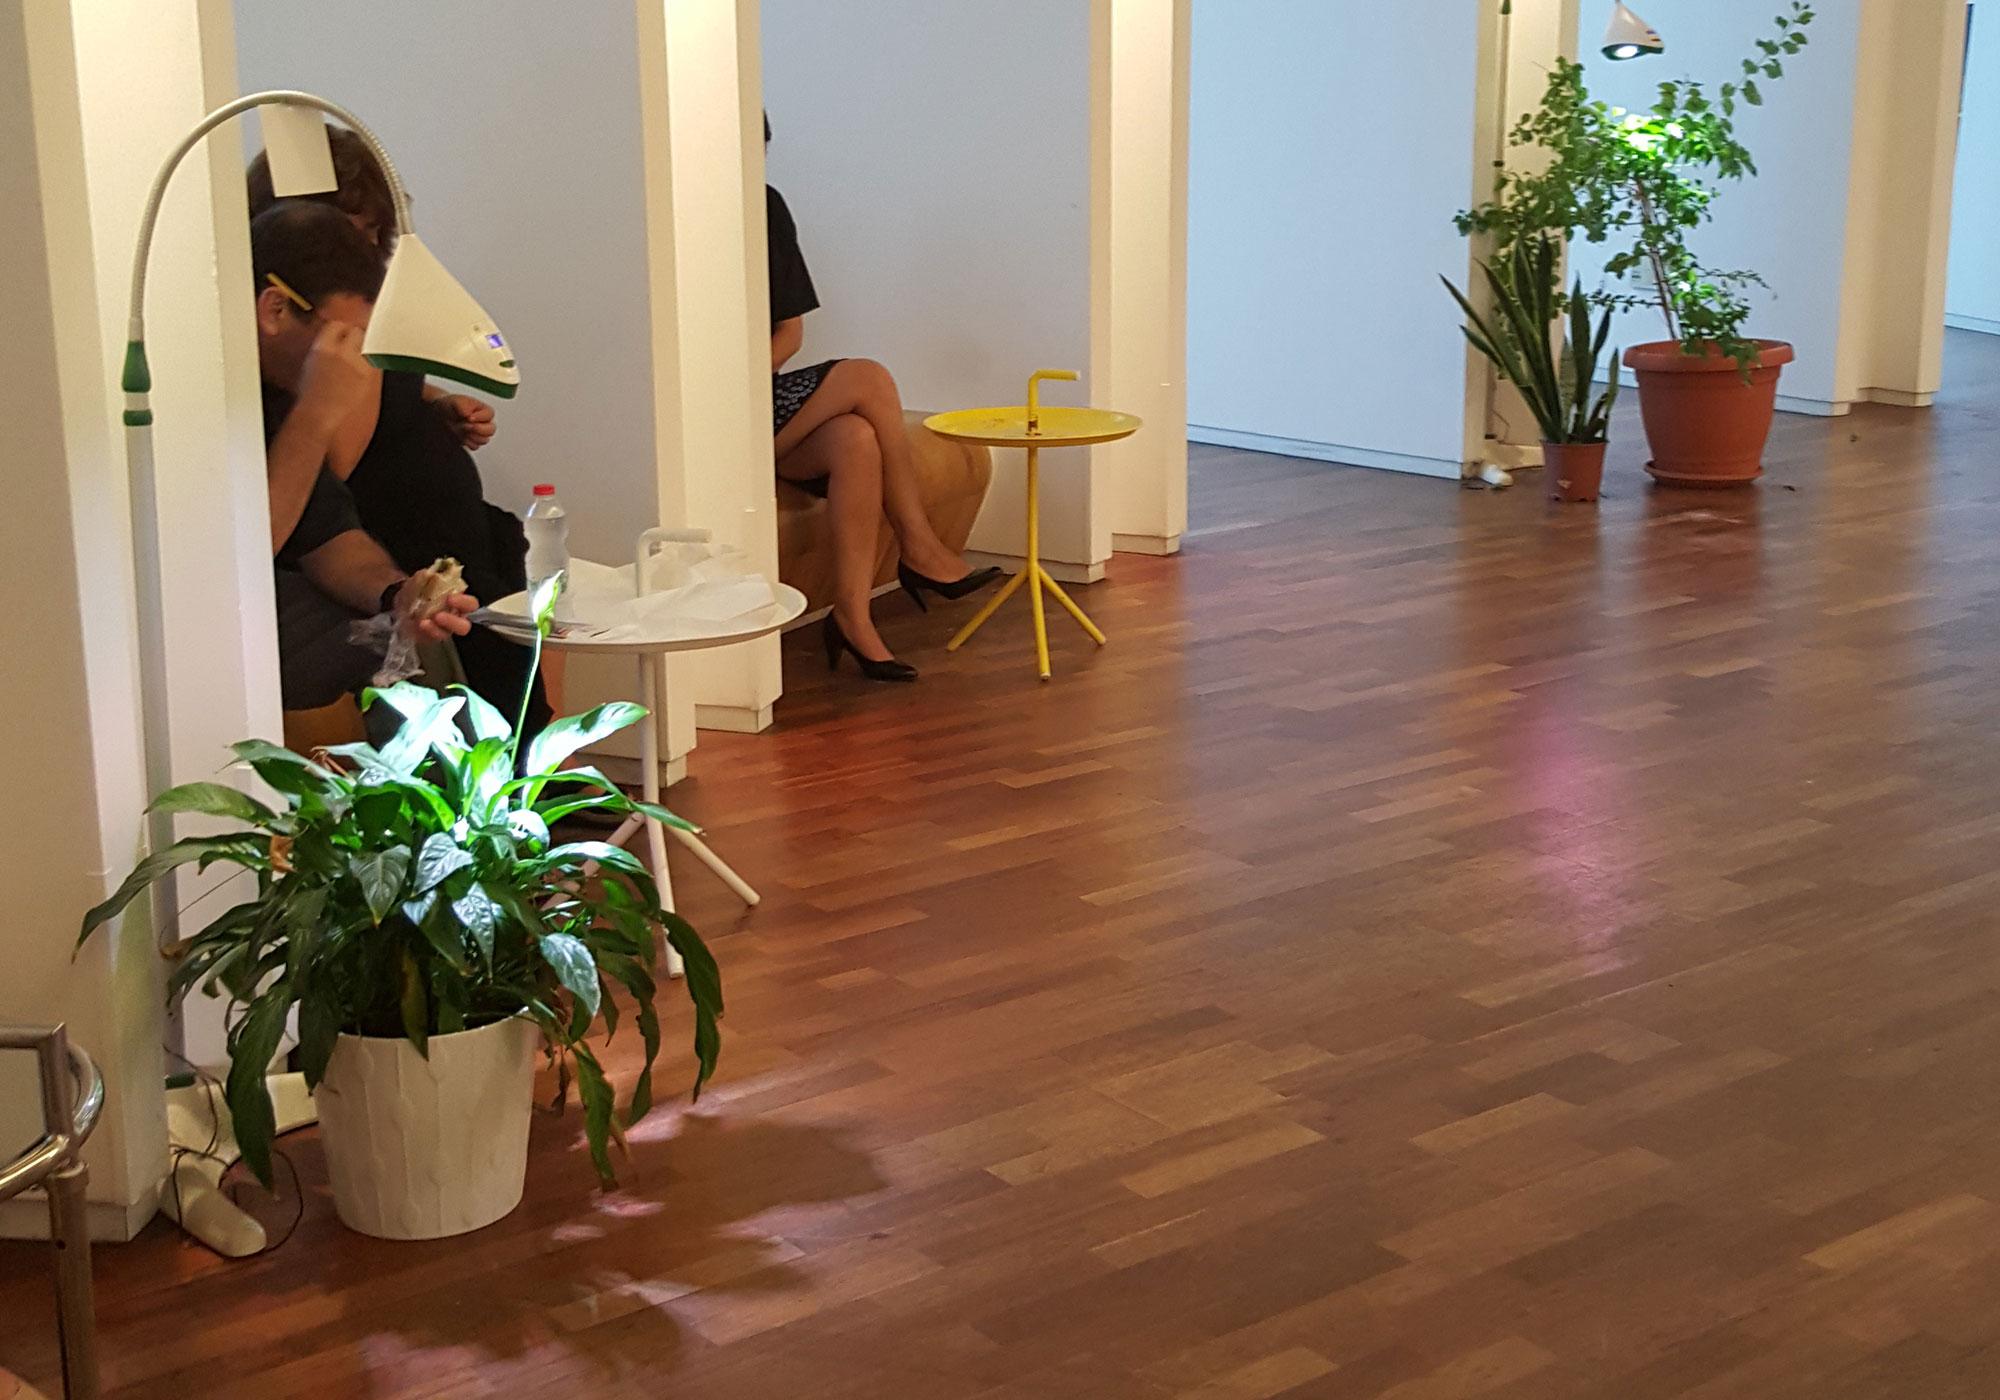 מנורה חכמה לגידול צמחים